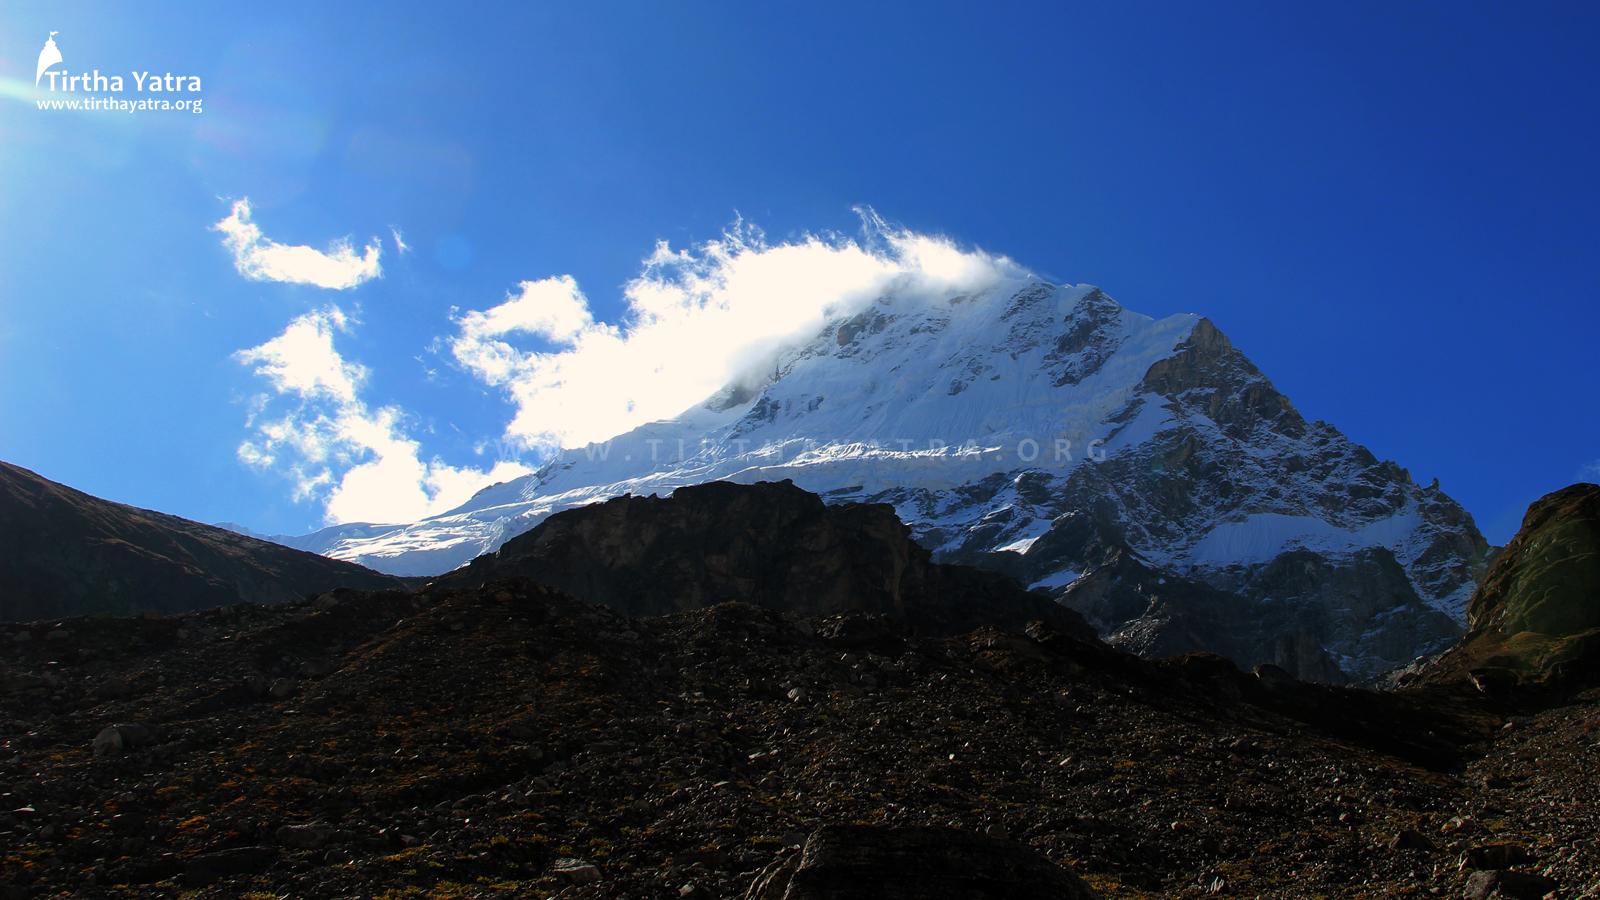 Mount Shiva